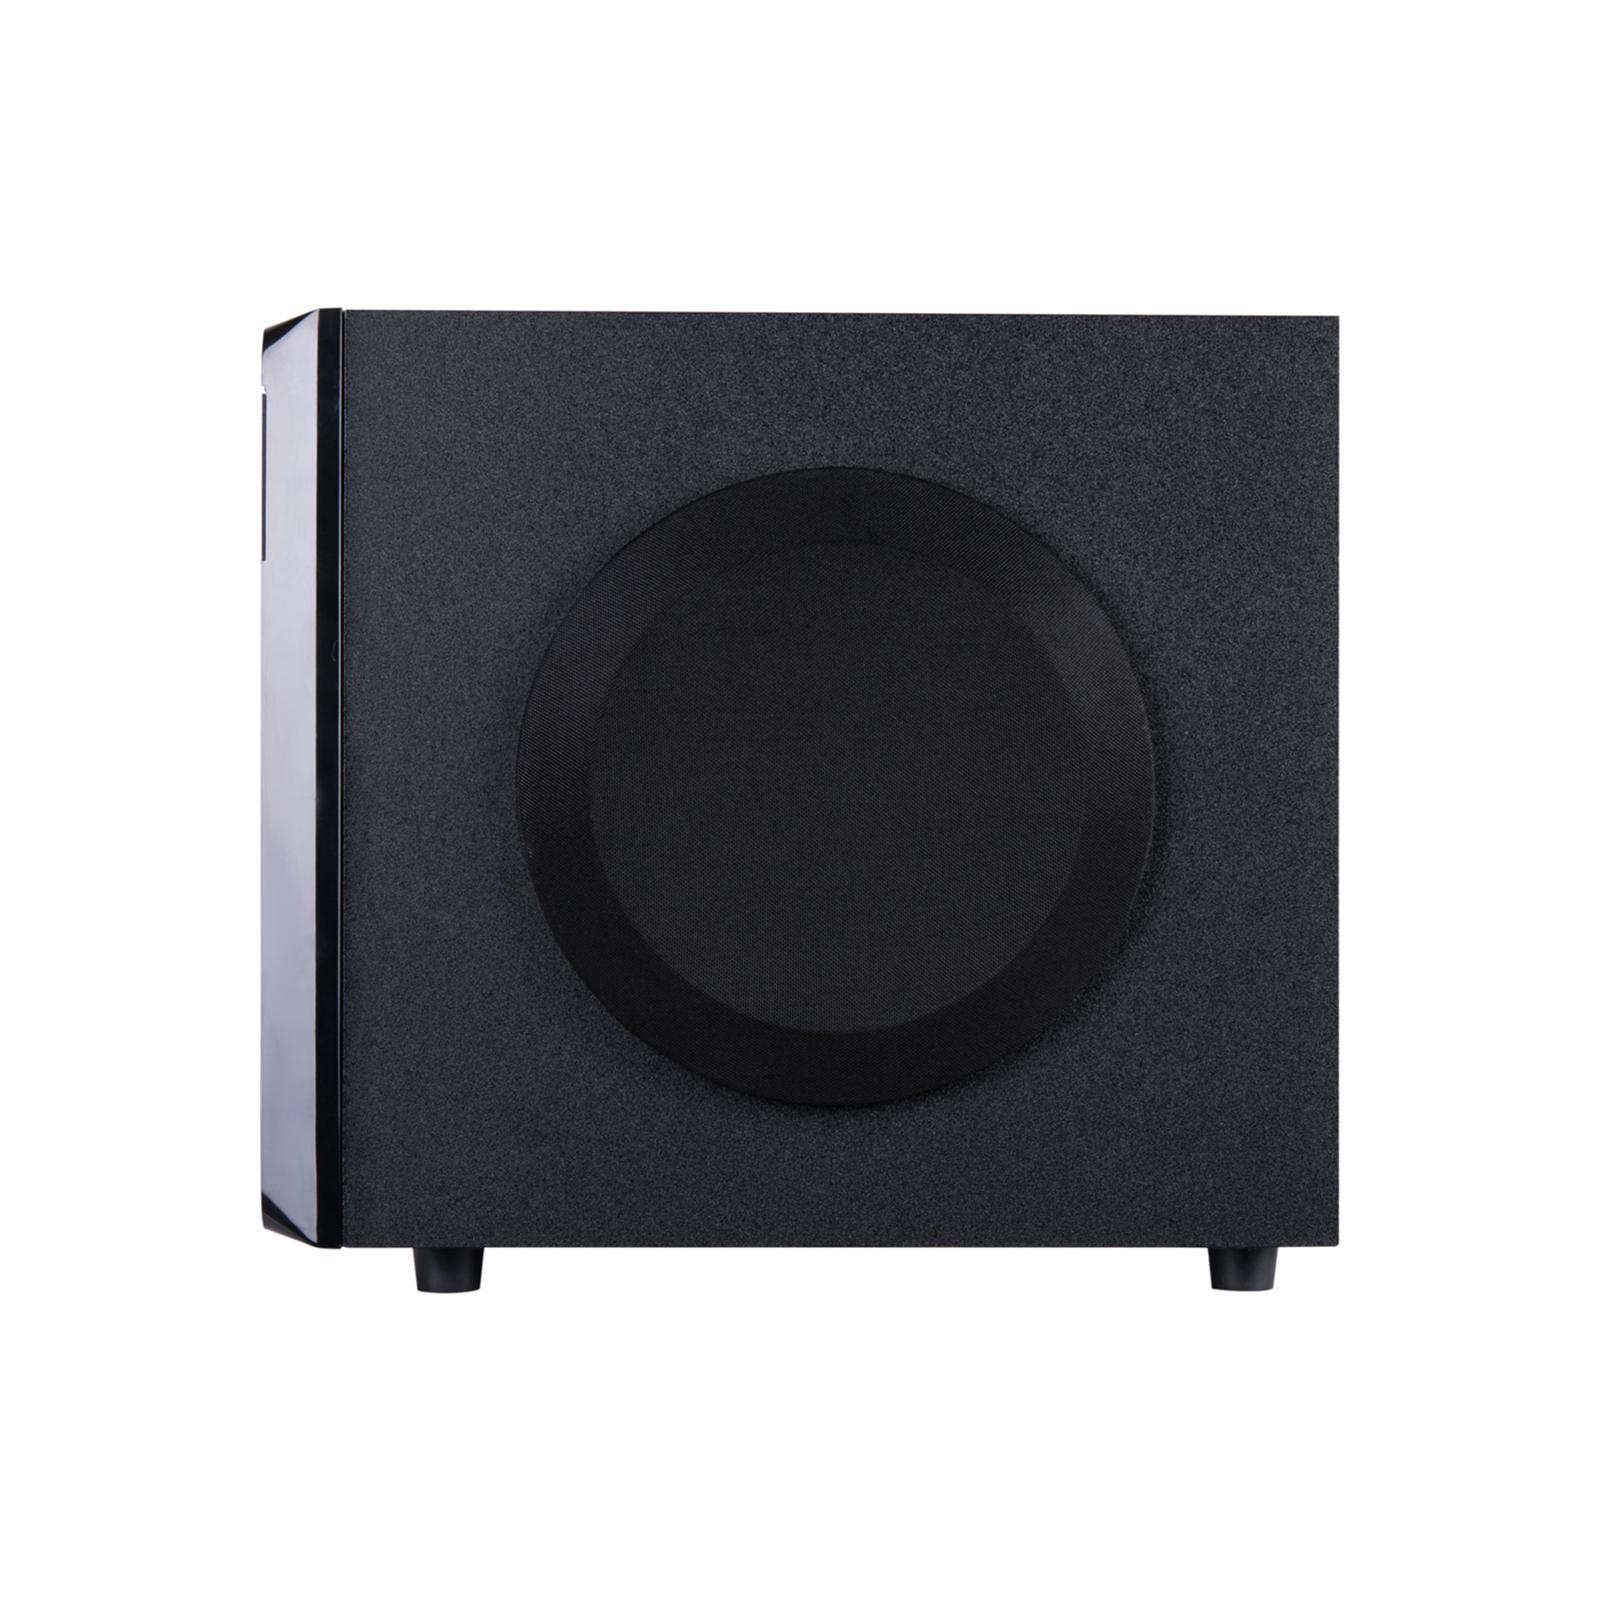 Акустическая система GEMIX SB-80BT black изображение 3